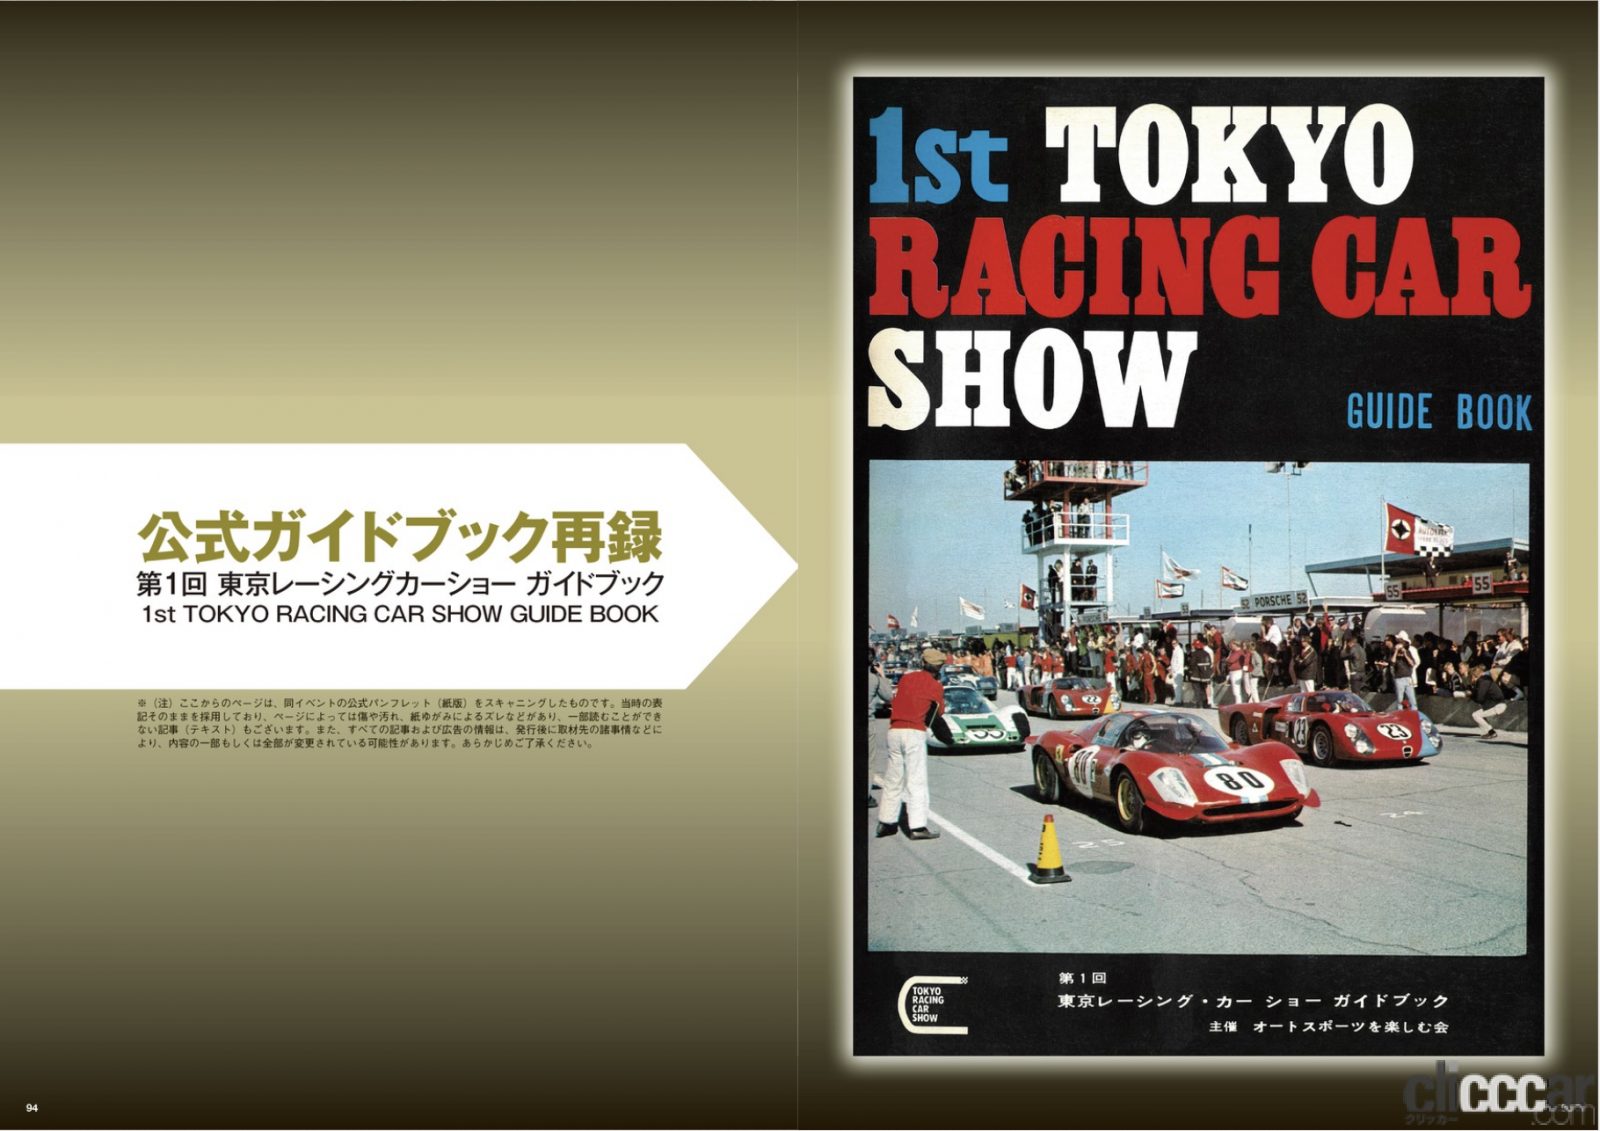 「三億円事件が起きた1968年、伝説の自動車イベント「東京レーシングカーショー」の第1回が開催された!」の8枚目の画像